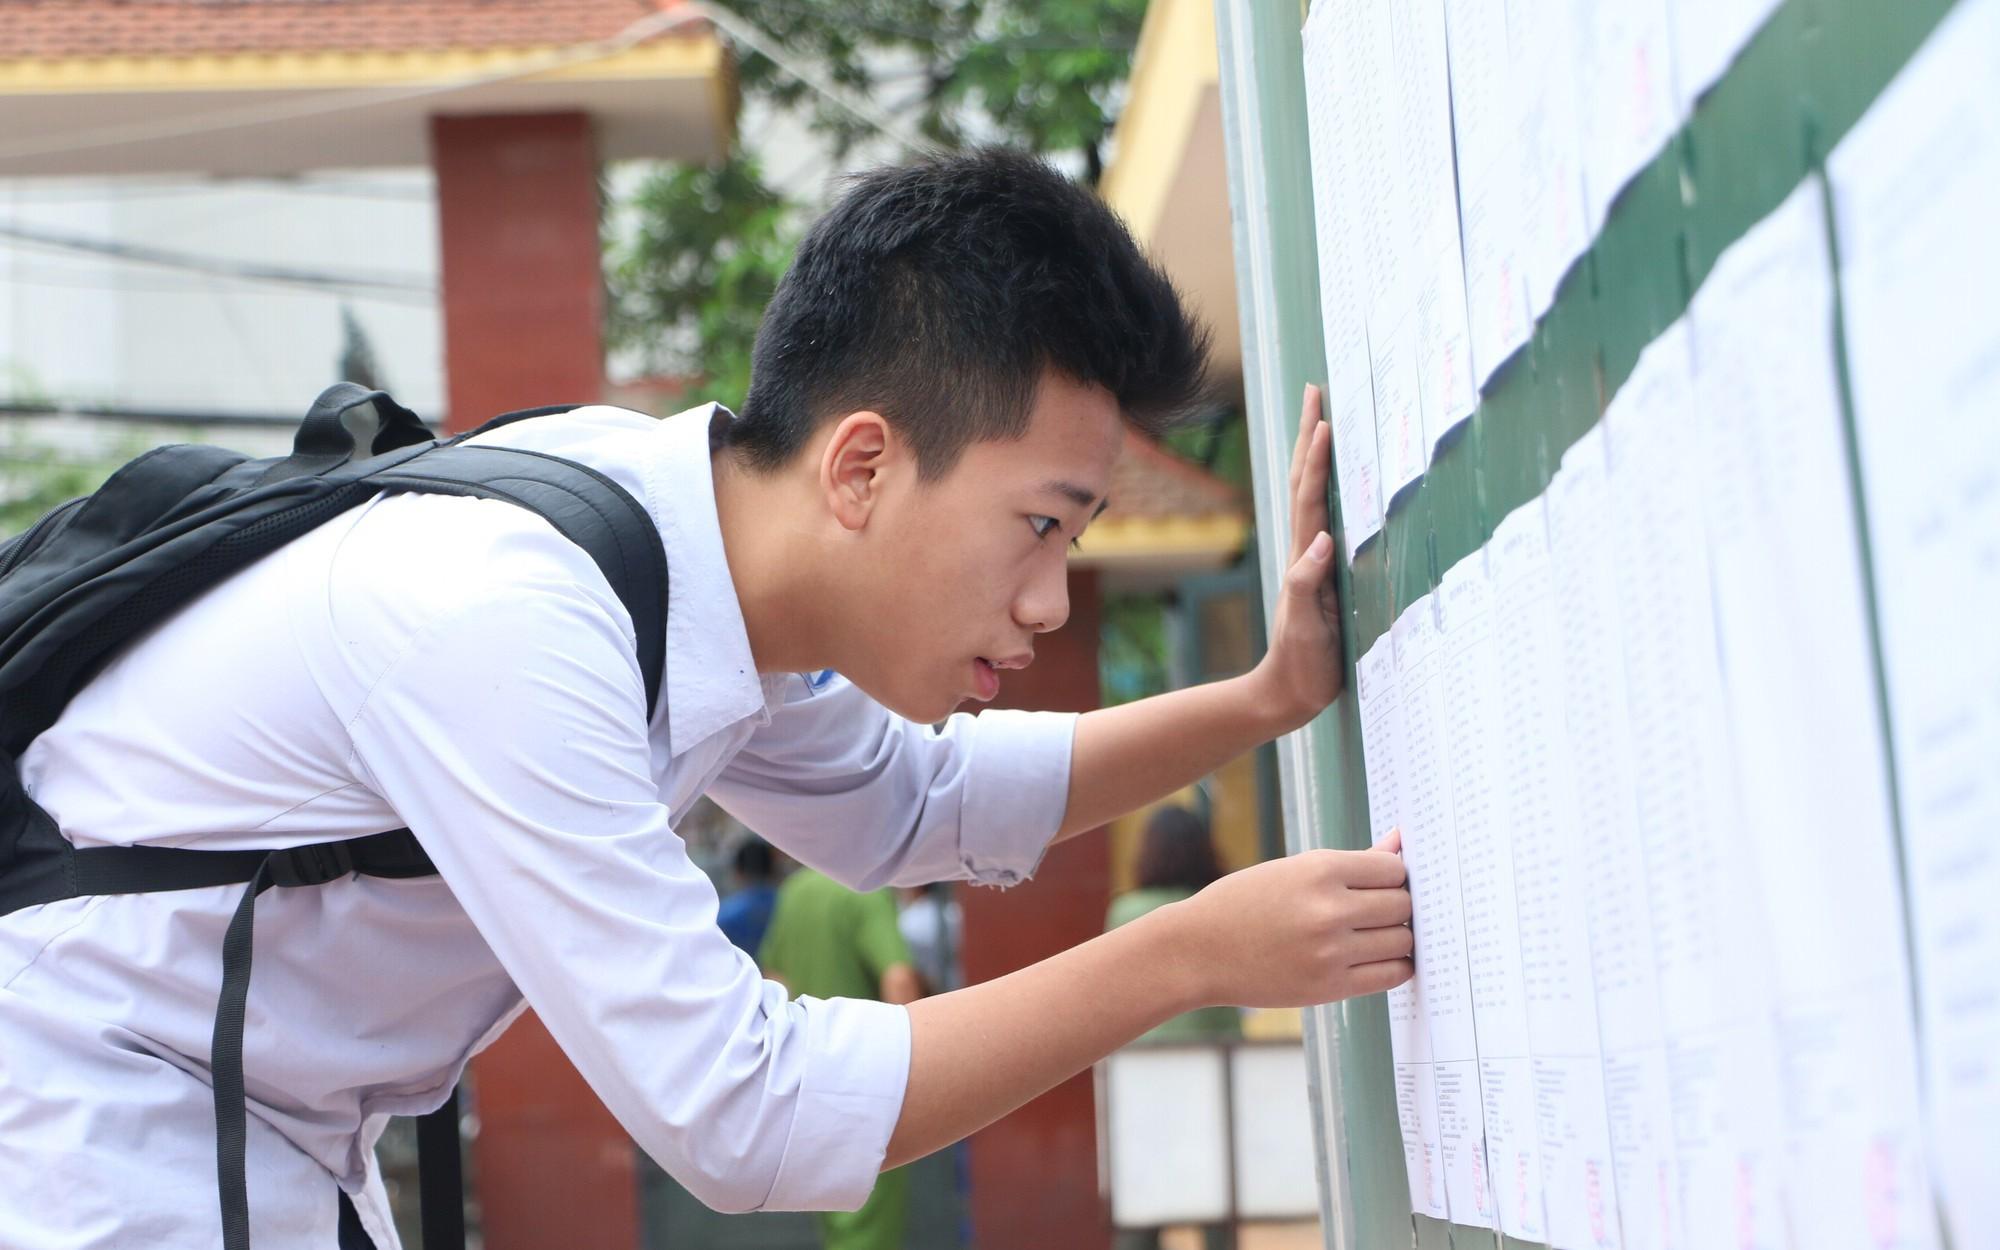 Đề Văn chuyên thi vào lớp 10 tỉnh Nghệ An: 'Phá bỏ những bờ kè xác định cứng nhắc trong vấn đề nghị luận'